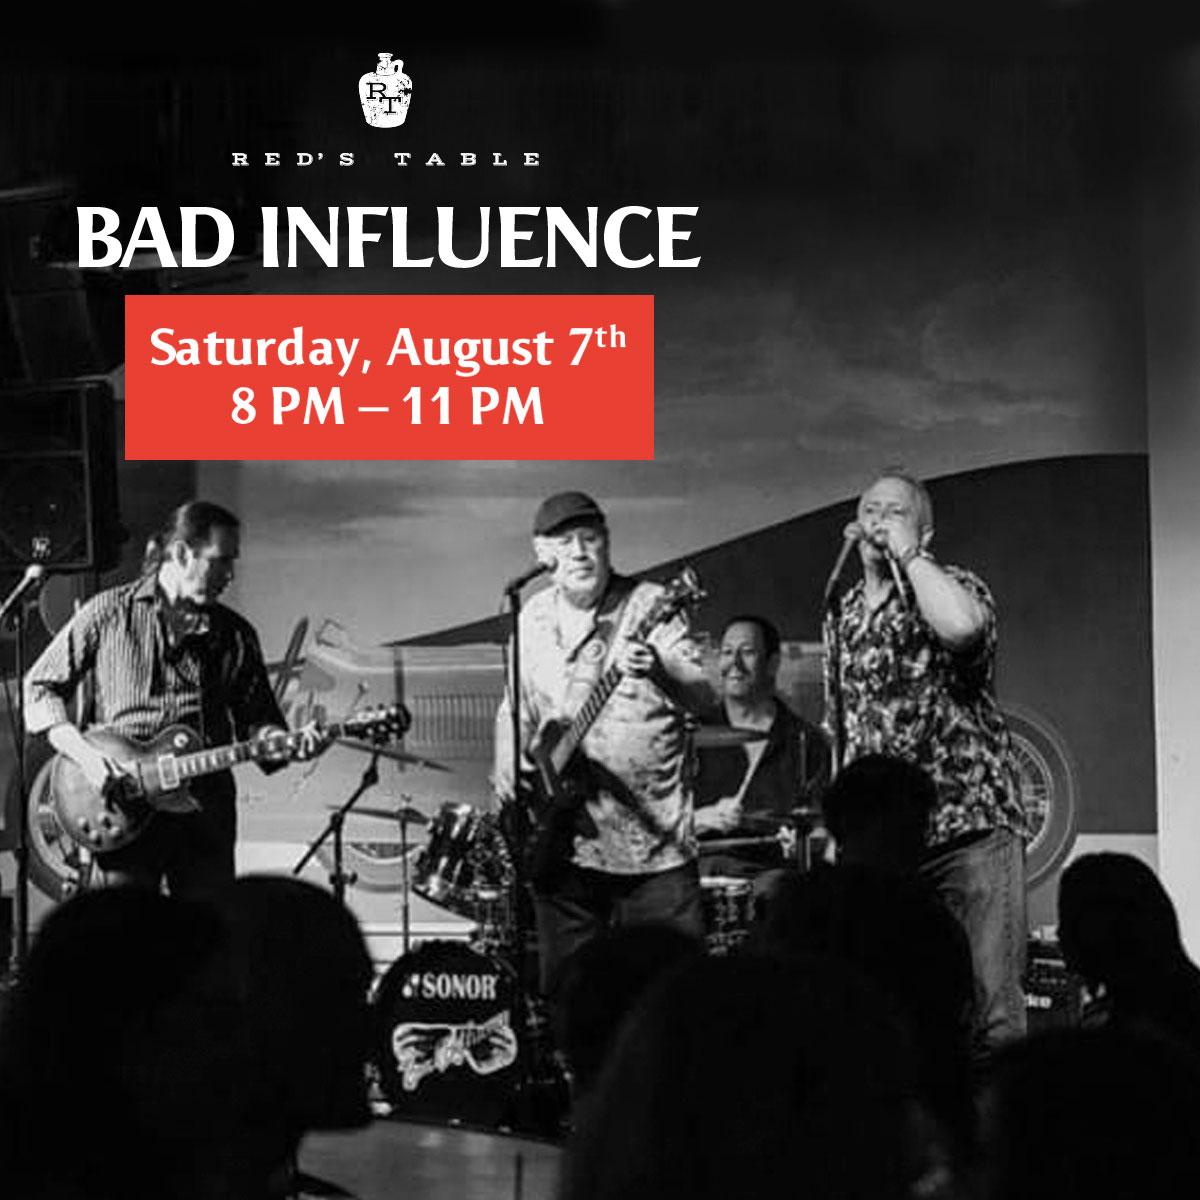 Post-bad-influence-may-2